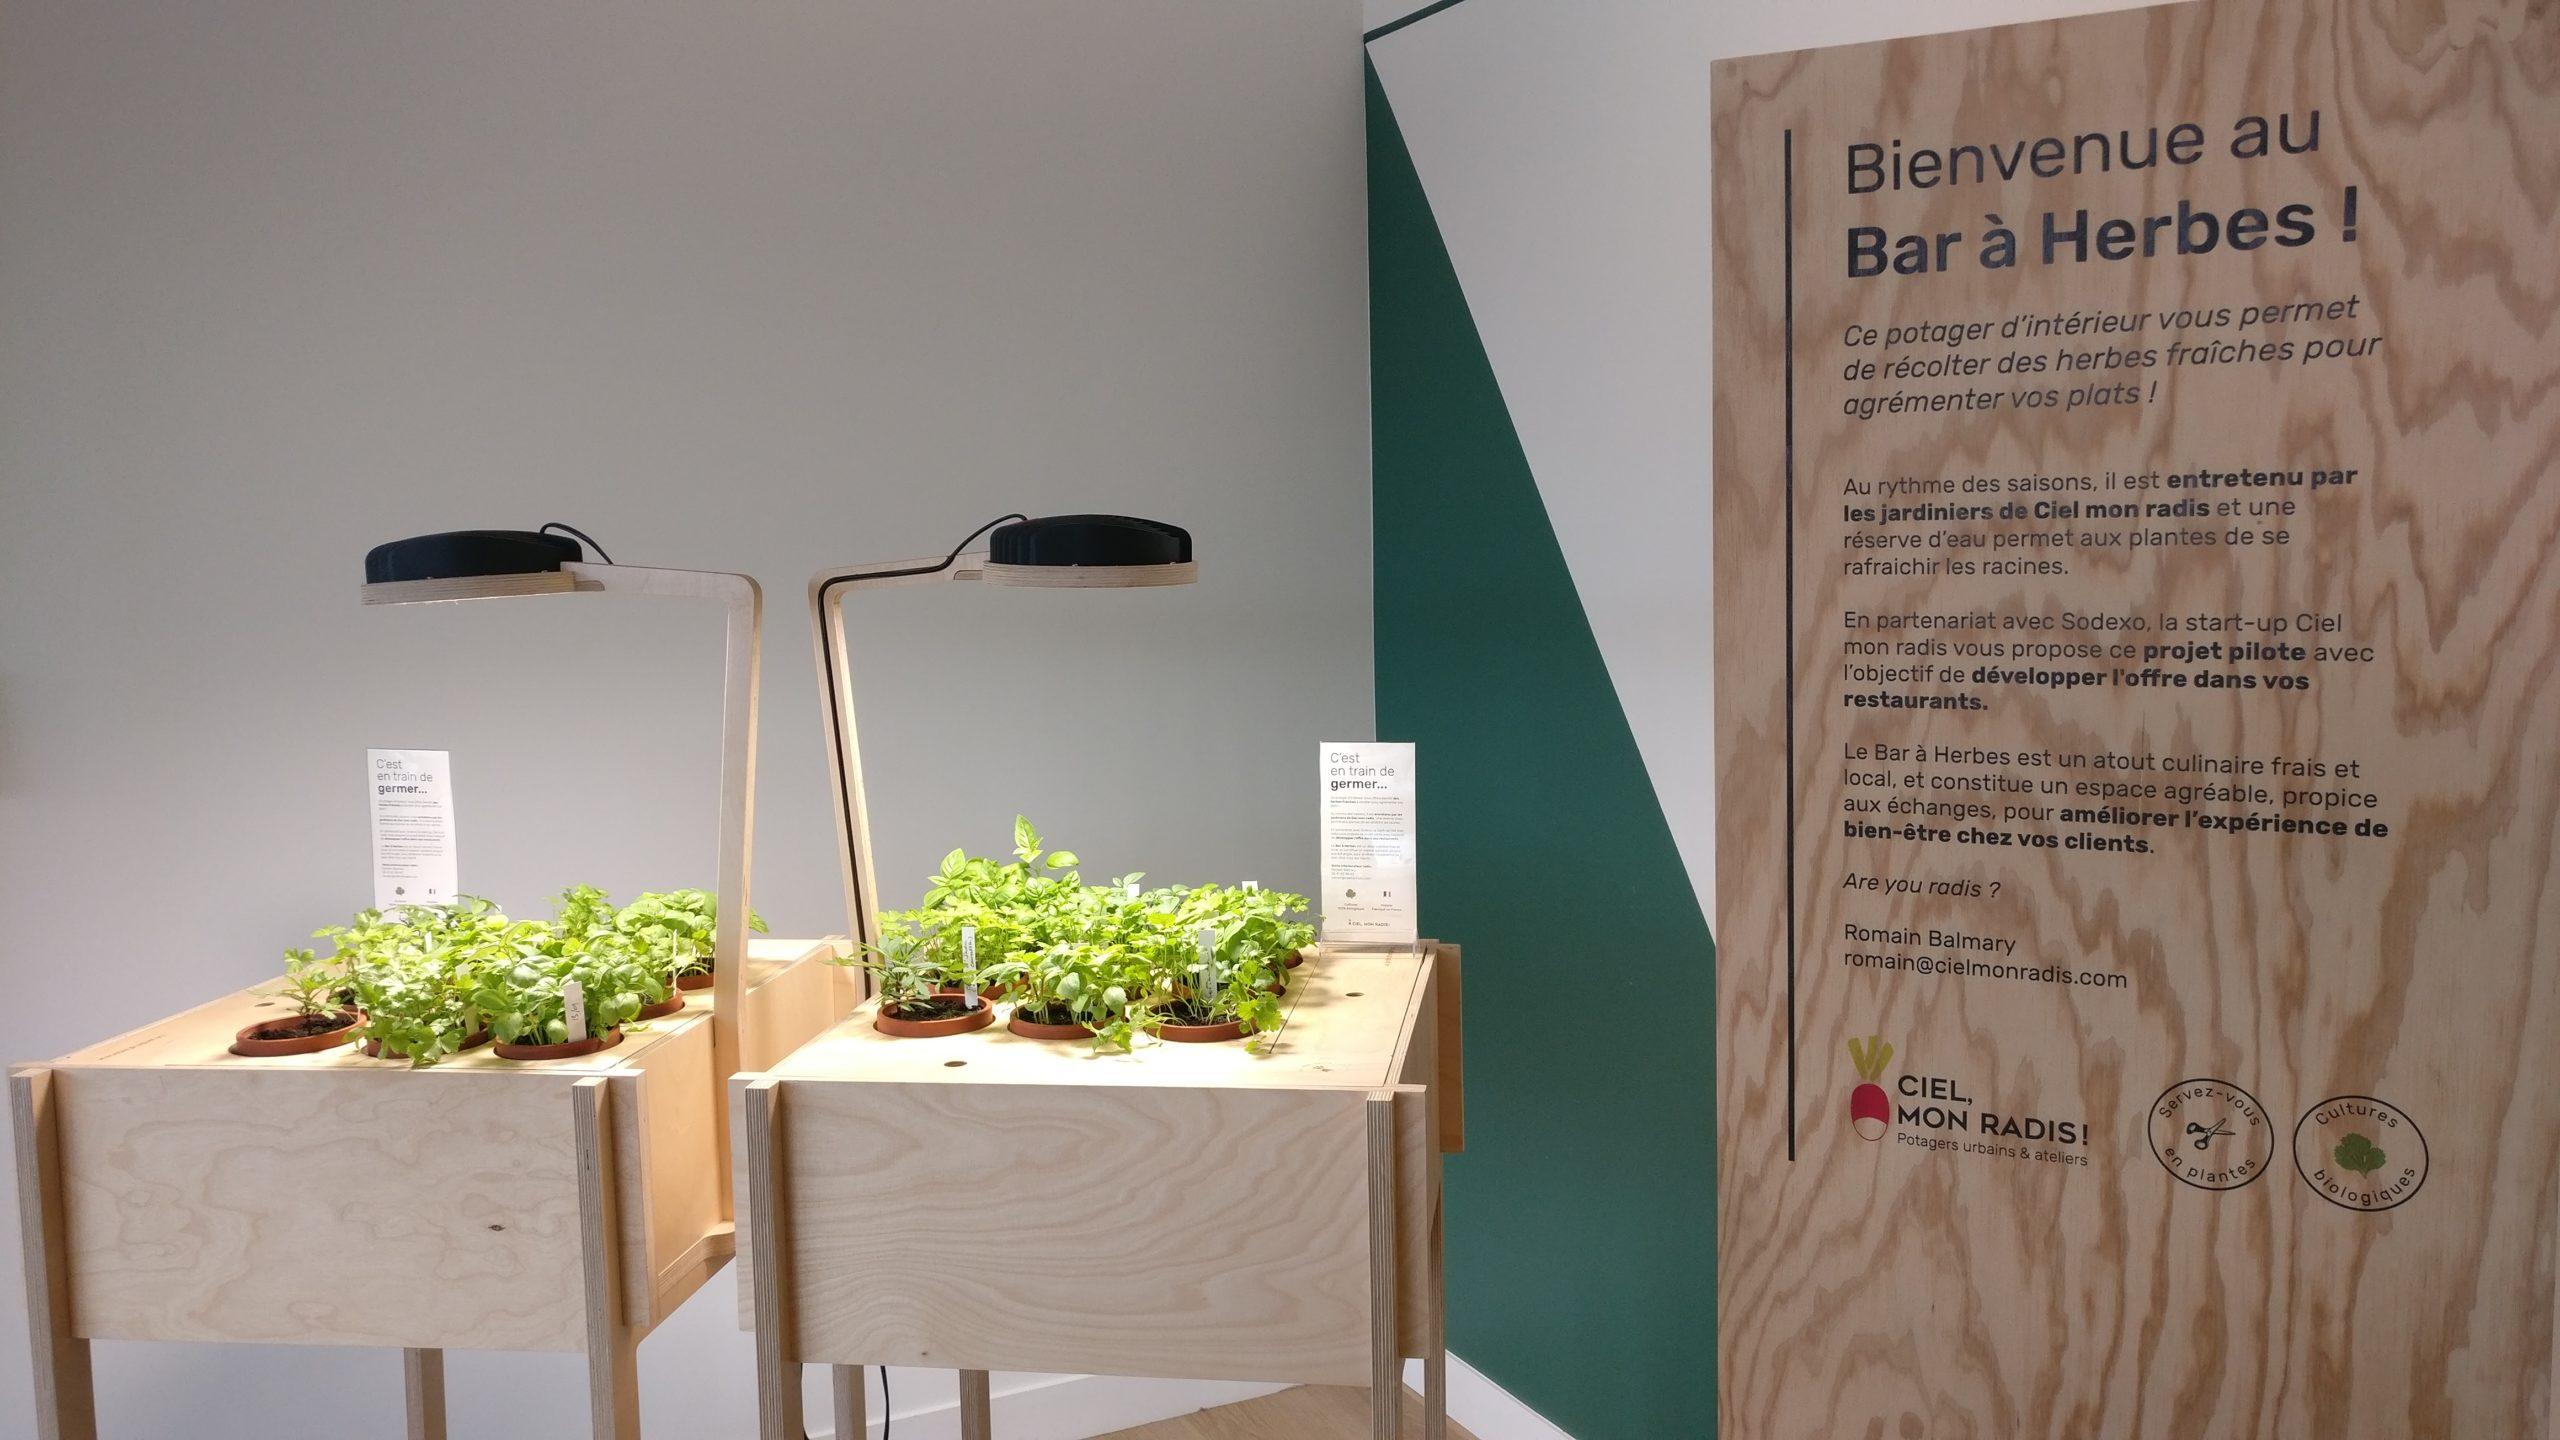 Bar à herbes dans la cafétéria